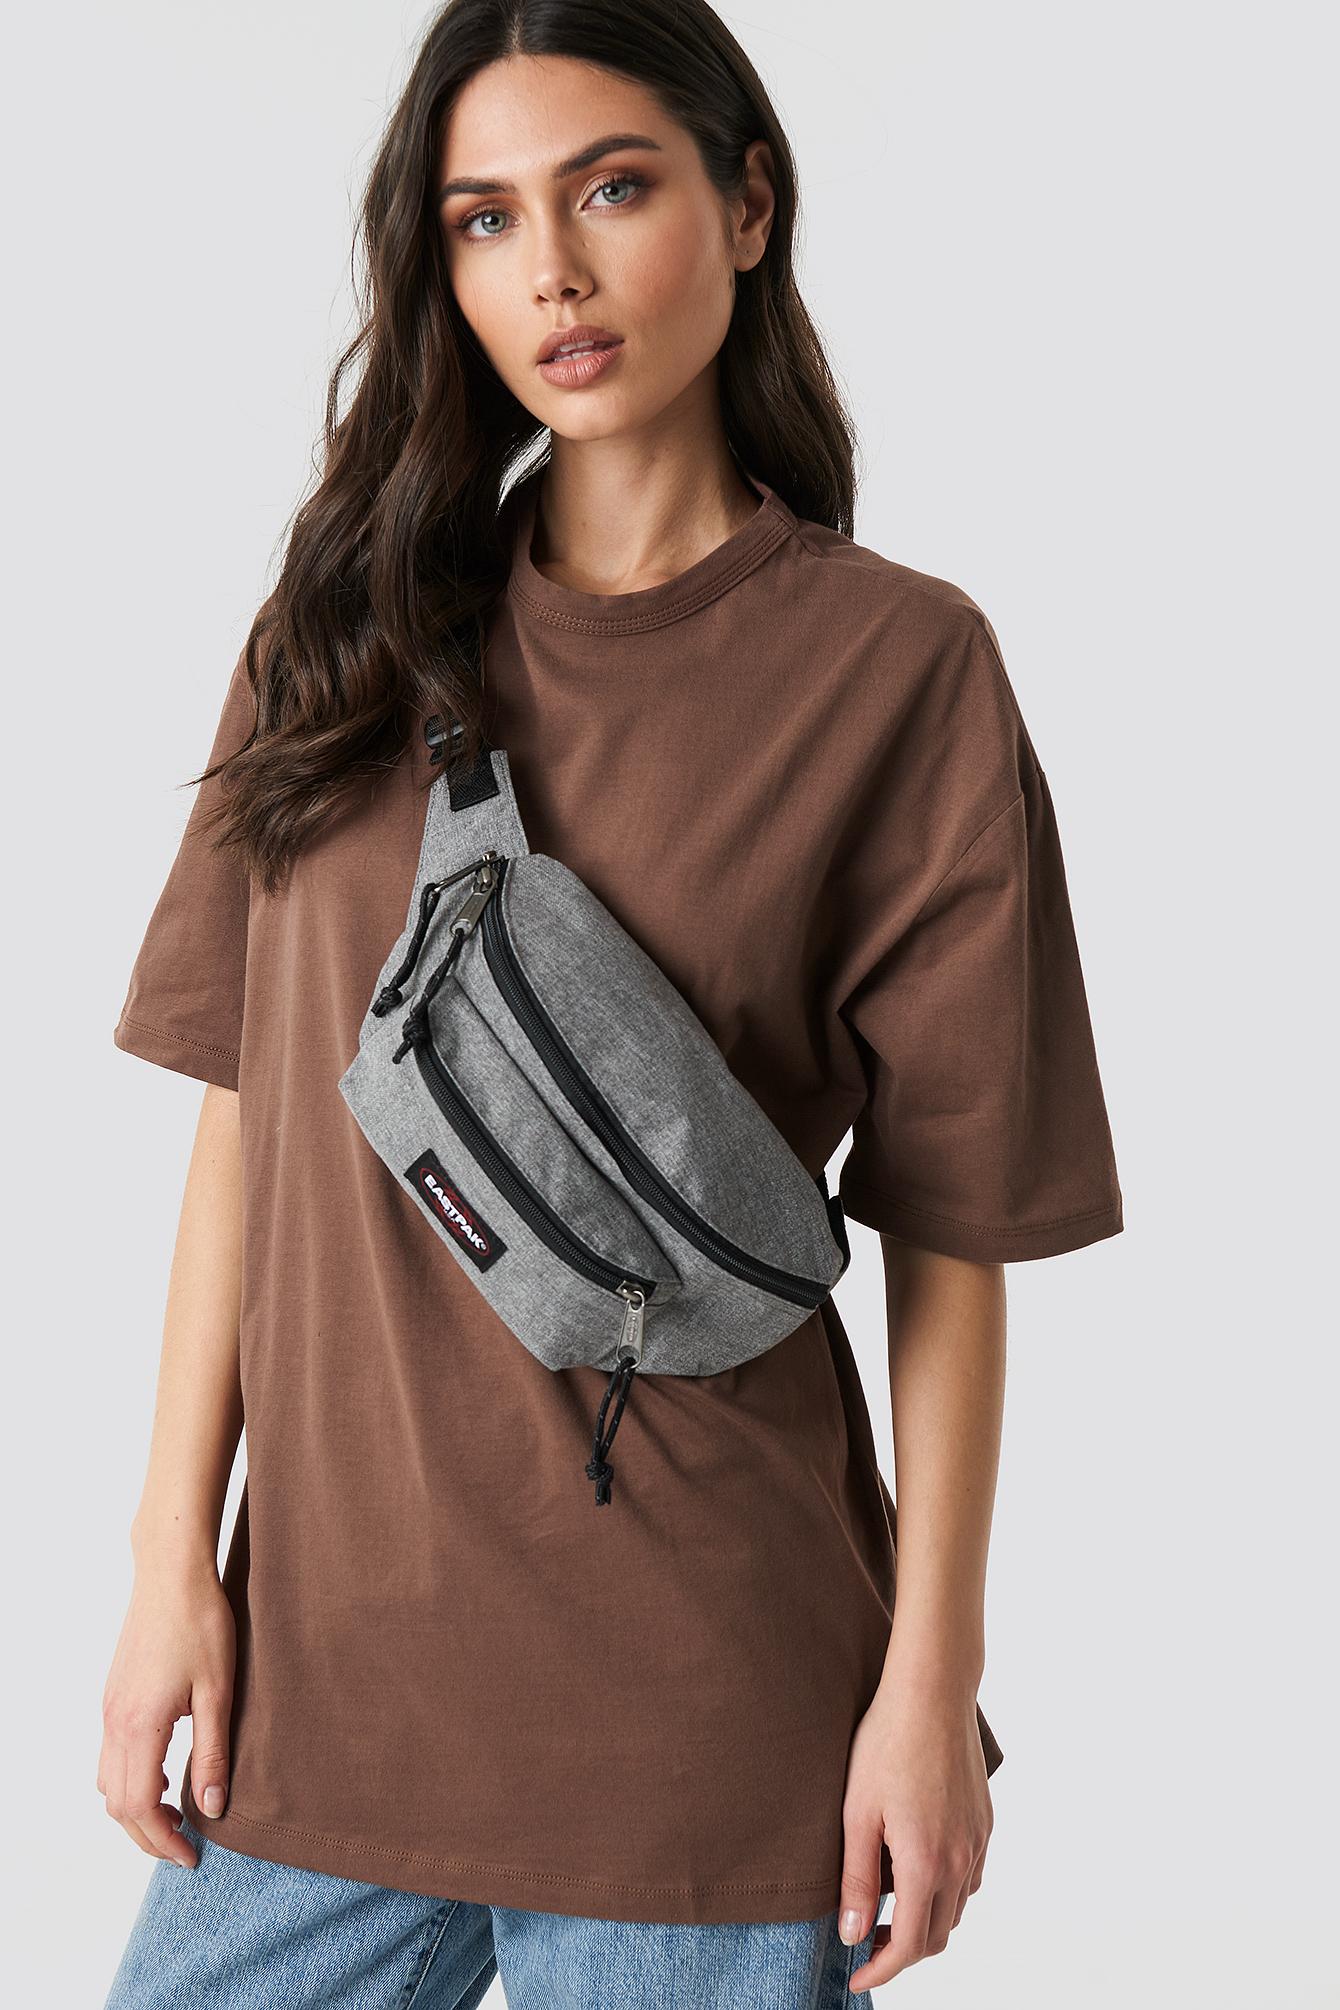 Doggy Bag NA-KDLOUNGE.DE